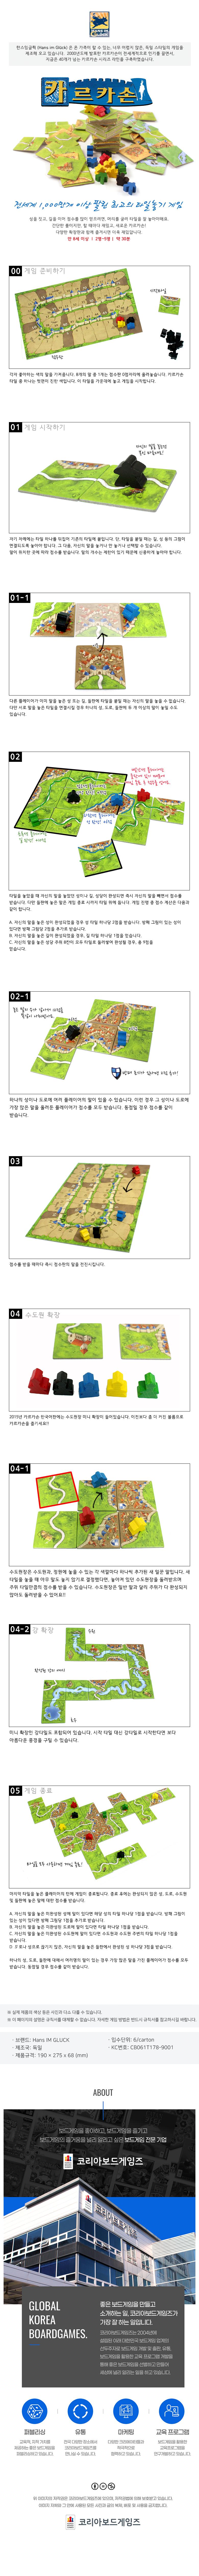 [코리아보드게임즈] 카르카손 - 피에스컴퍼니, 28,900원, 보드게임, 퍼즐 게임